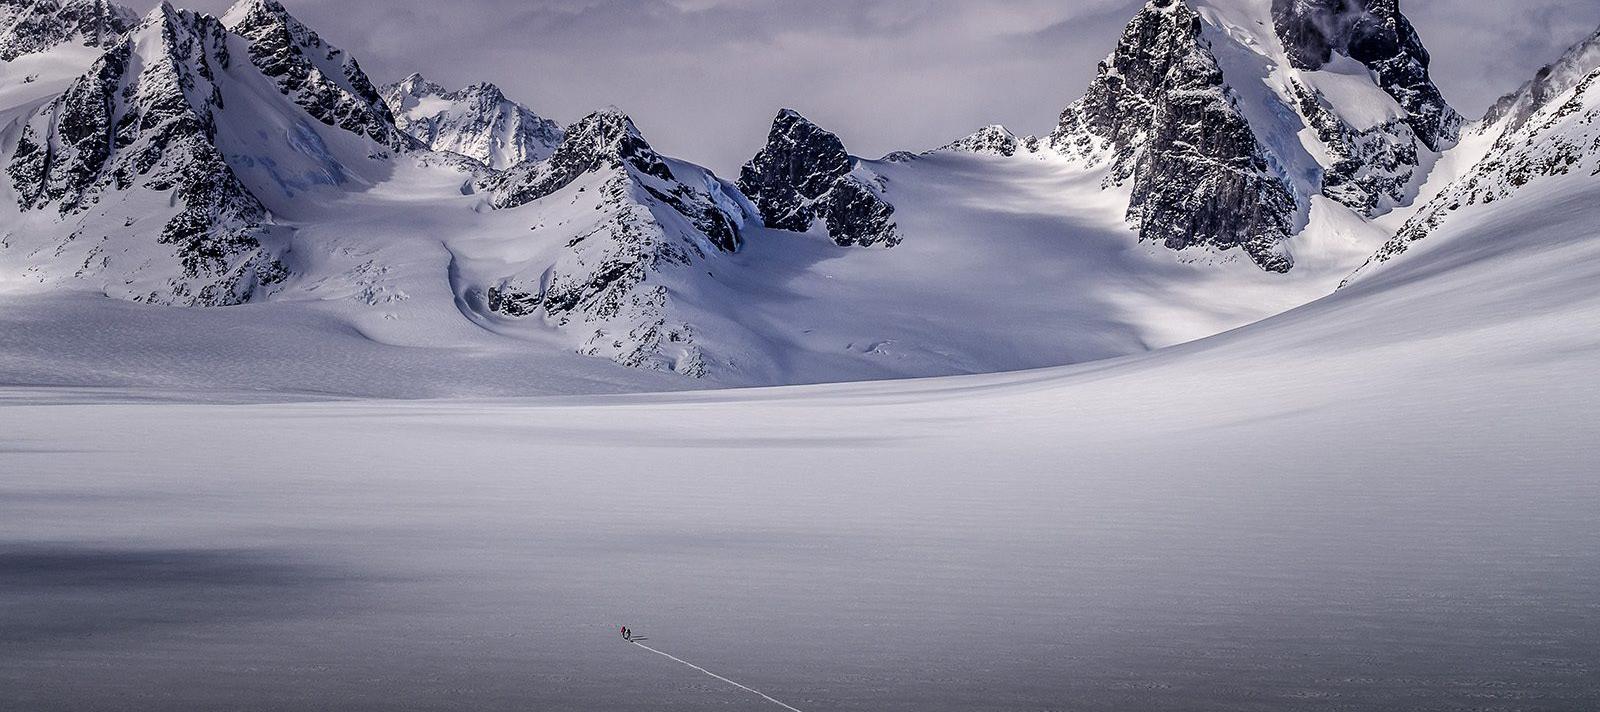 Film-Tipp: This Mountain Life